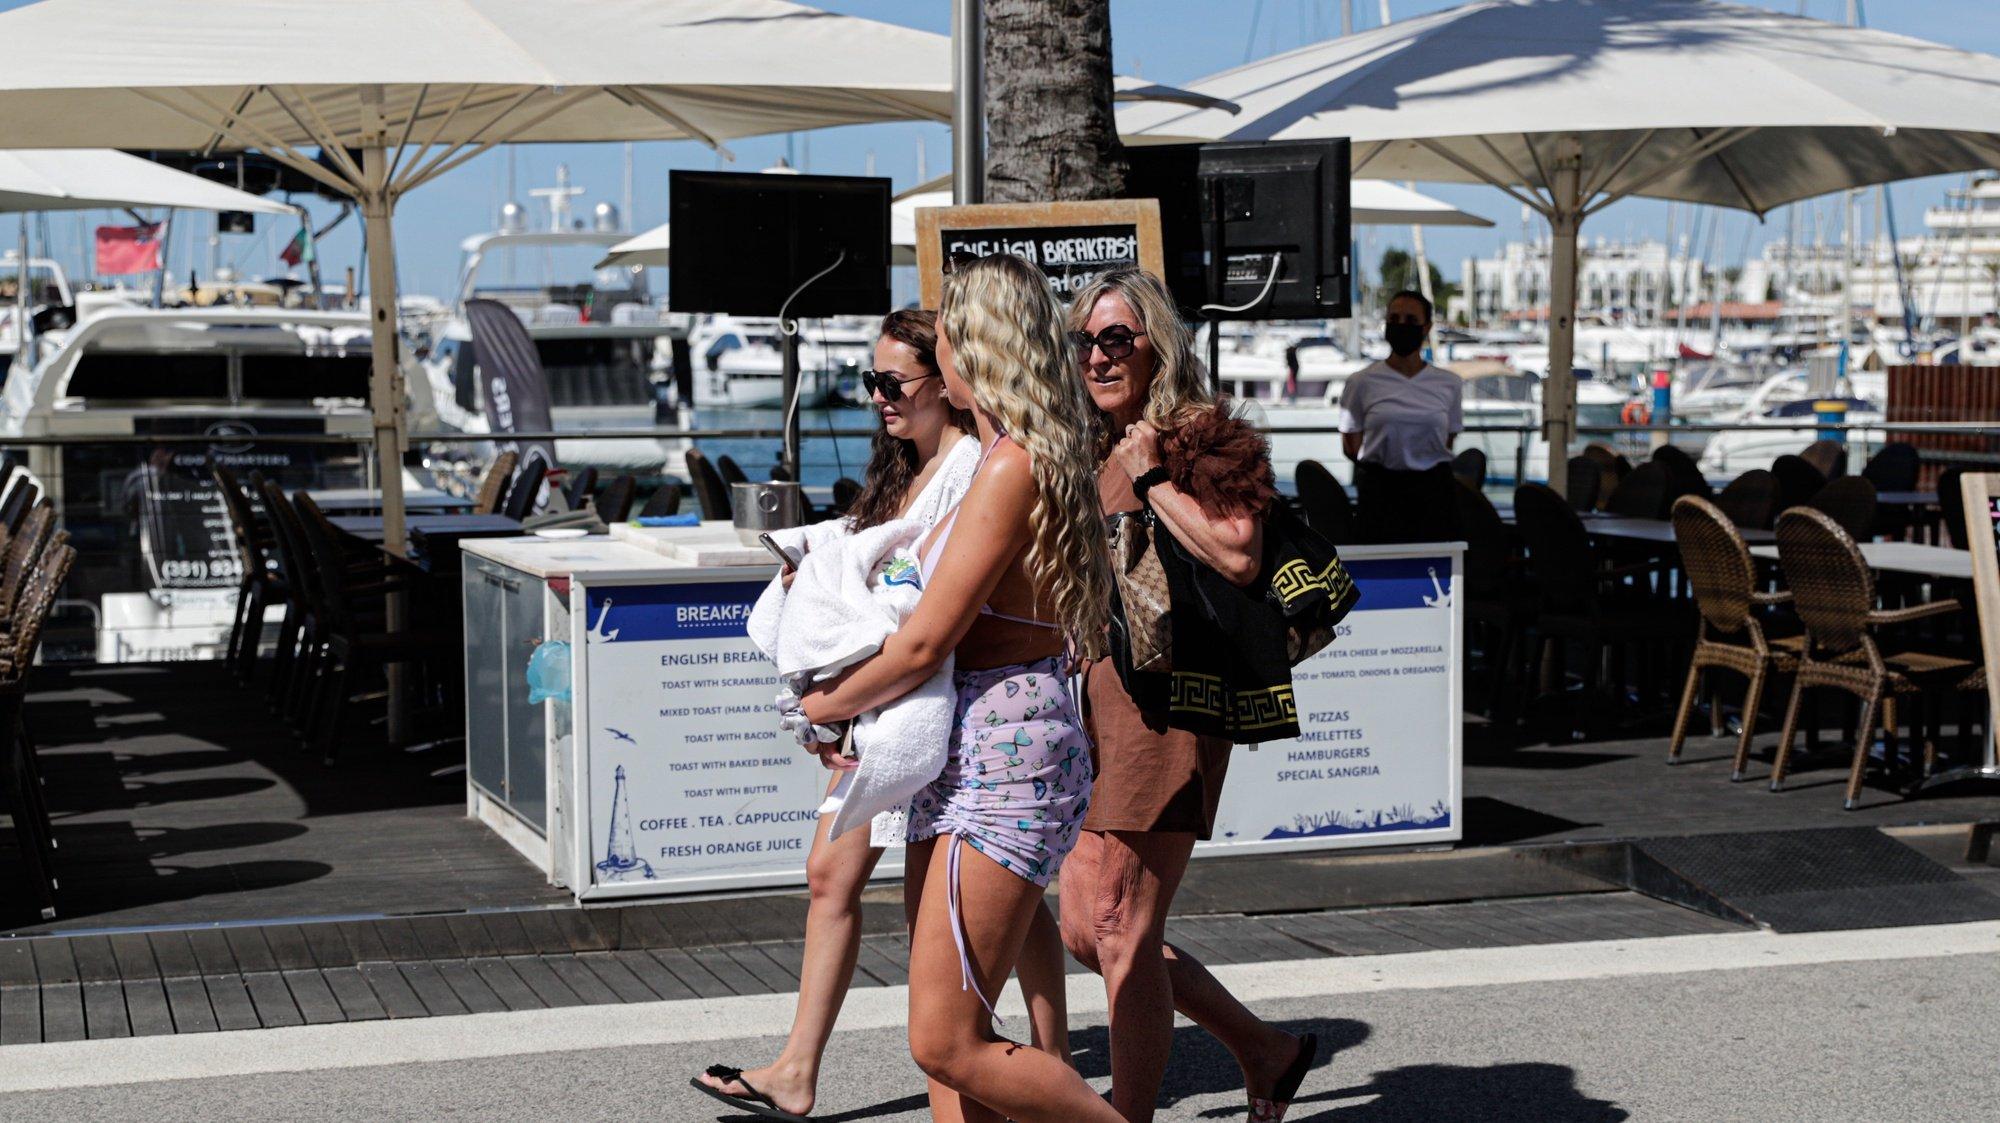 Turistas passeiam na marina de Vilamoura, 19 de maio de 2021. Dando início aos planos de retomada do turismo, Portugal passou a permitir na segunda - feira, 17 de maio, viagens não essenciais do Reino Unido e de países da União Europeia, o que fez com que muitos turistas se deslocassem de férias para o Algarve.  (ACOMPANHA TEXTO) LUÍS FORRA/LUSA